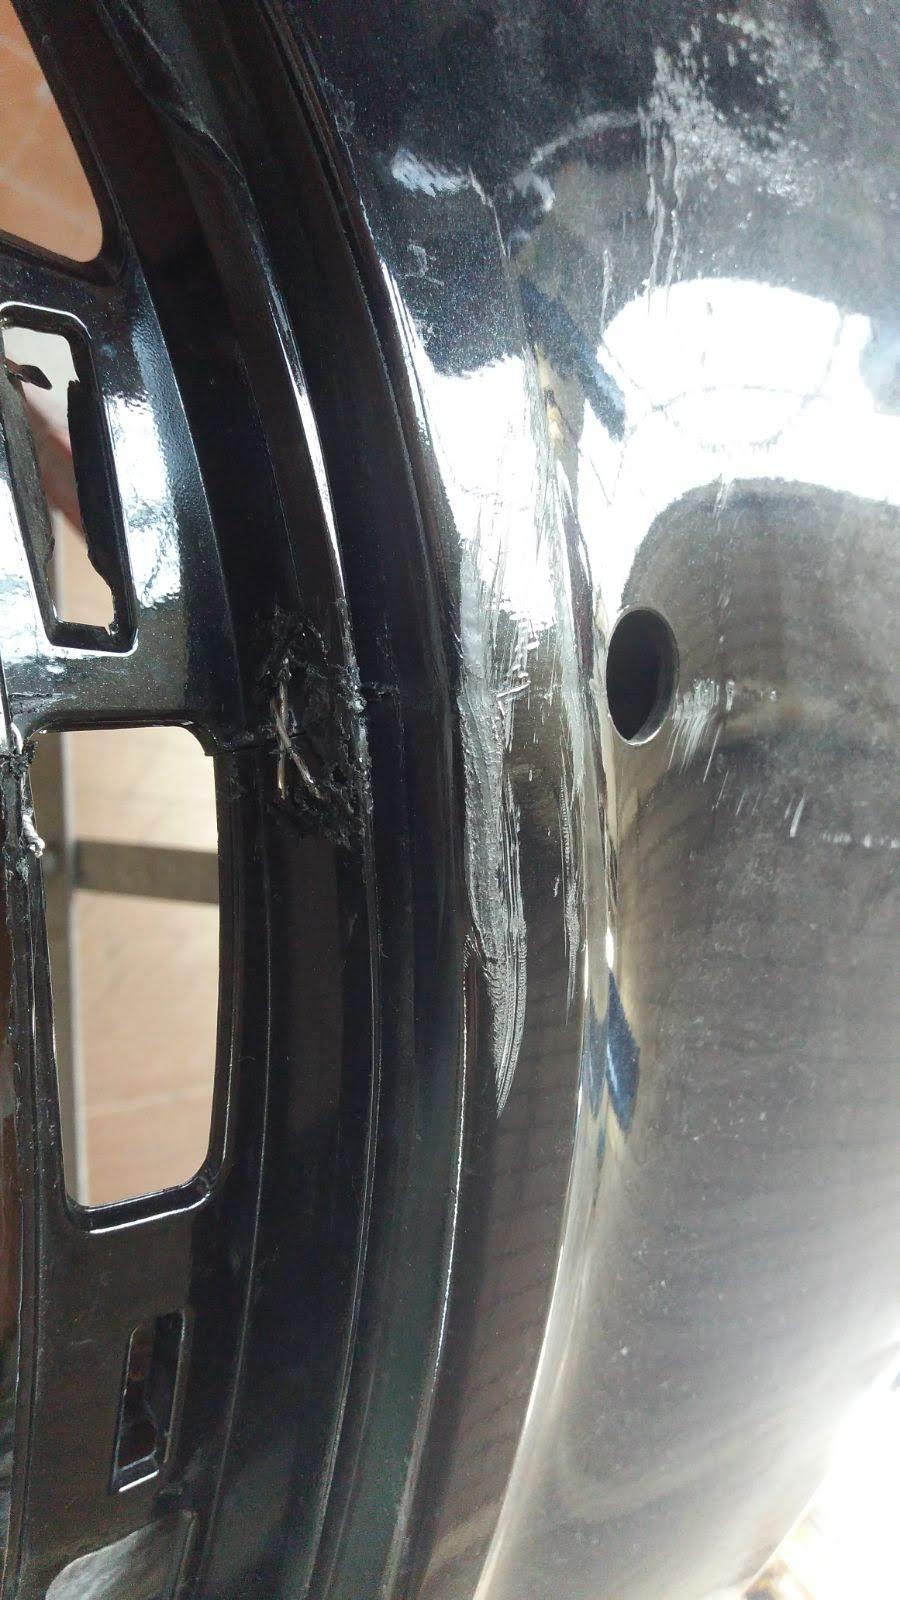 Auto dall'estetista... quando tornerà, cosa dovrò verificare? - Pagina 2 Img-2011